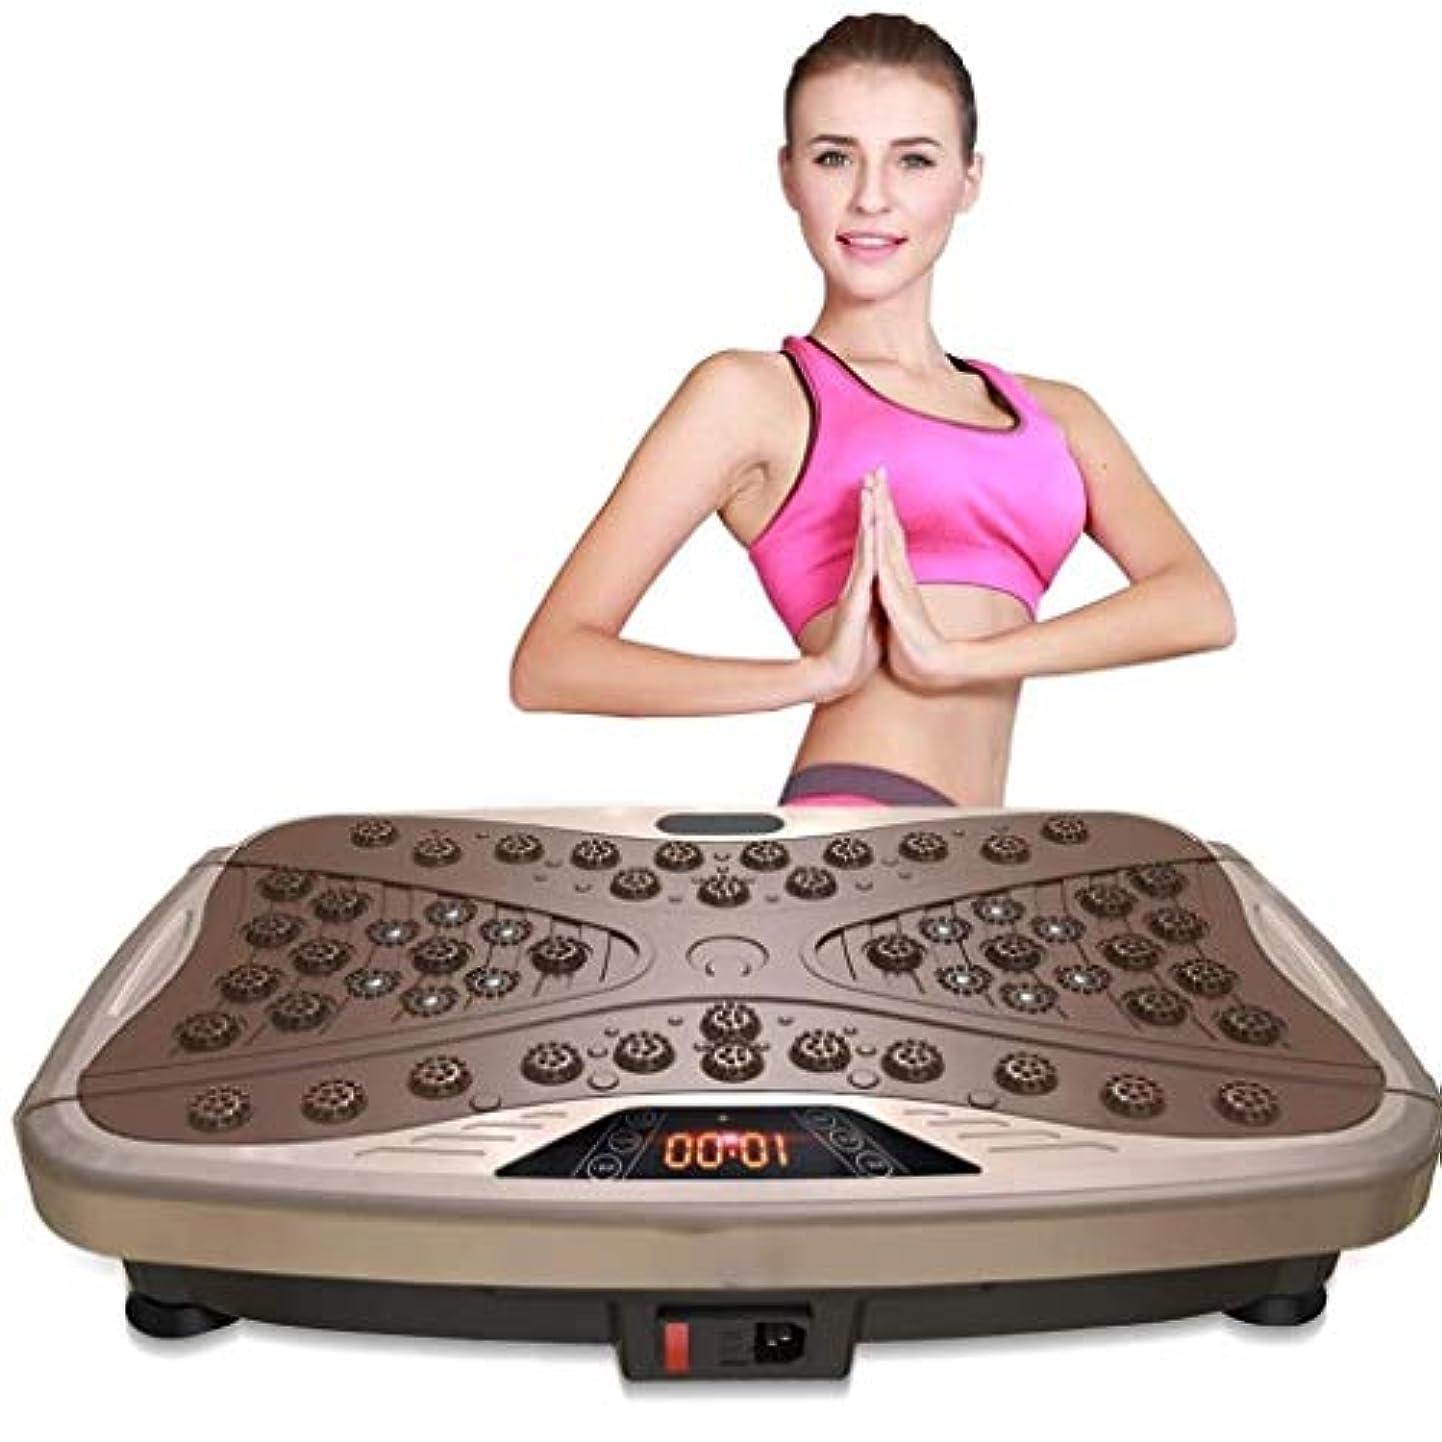 消毒する委任する解明する減量マシン、ジム/ホームフィットネス全身振動トレーナー、ジムホームオフィスの振動で余分な脂肪を減らす